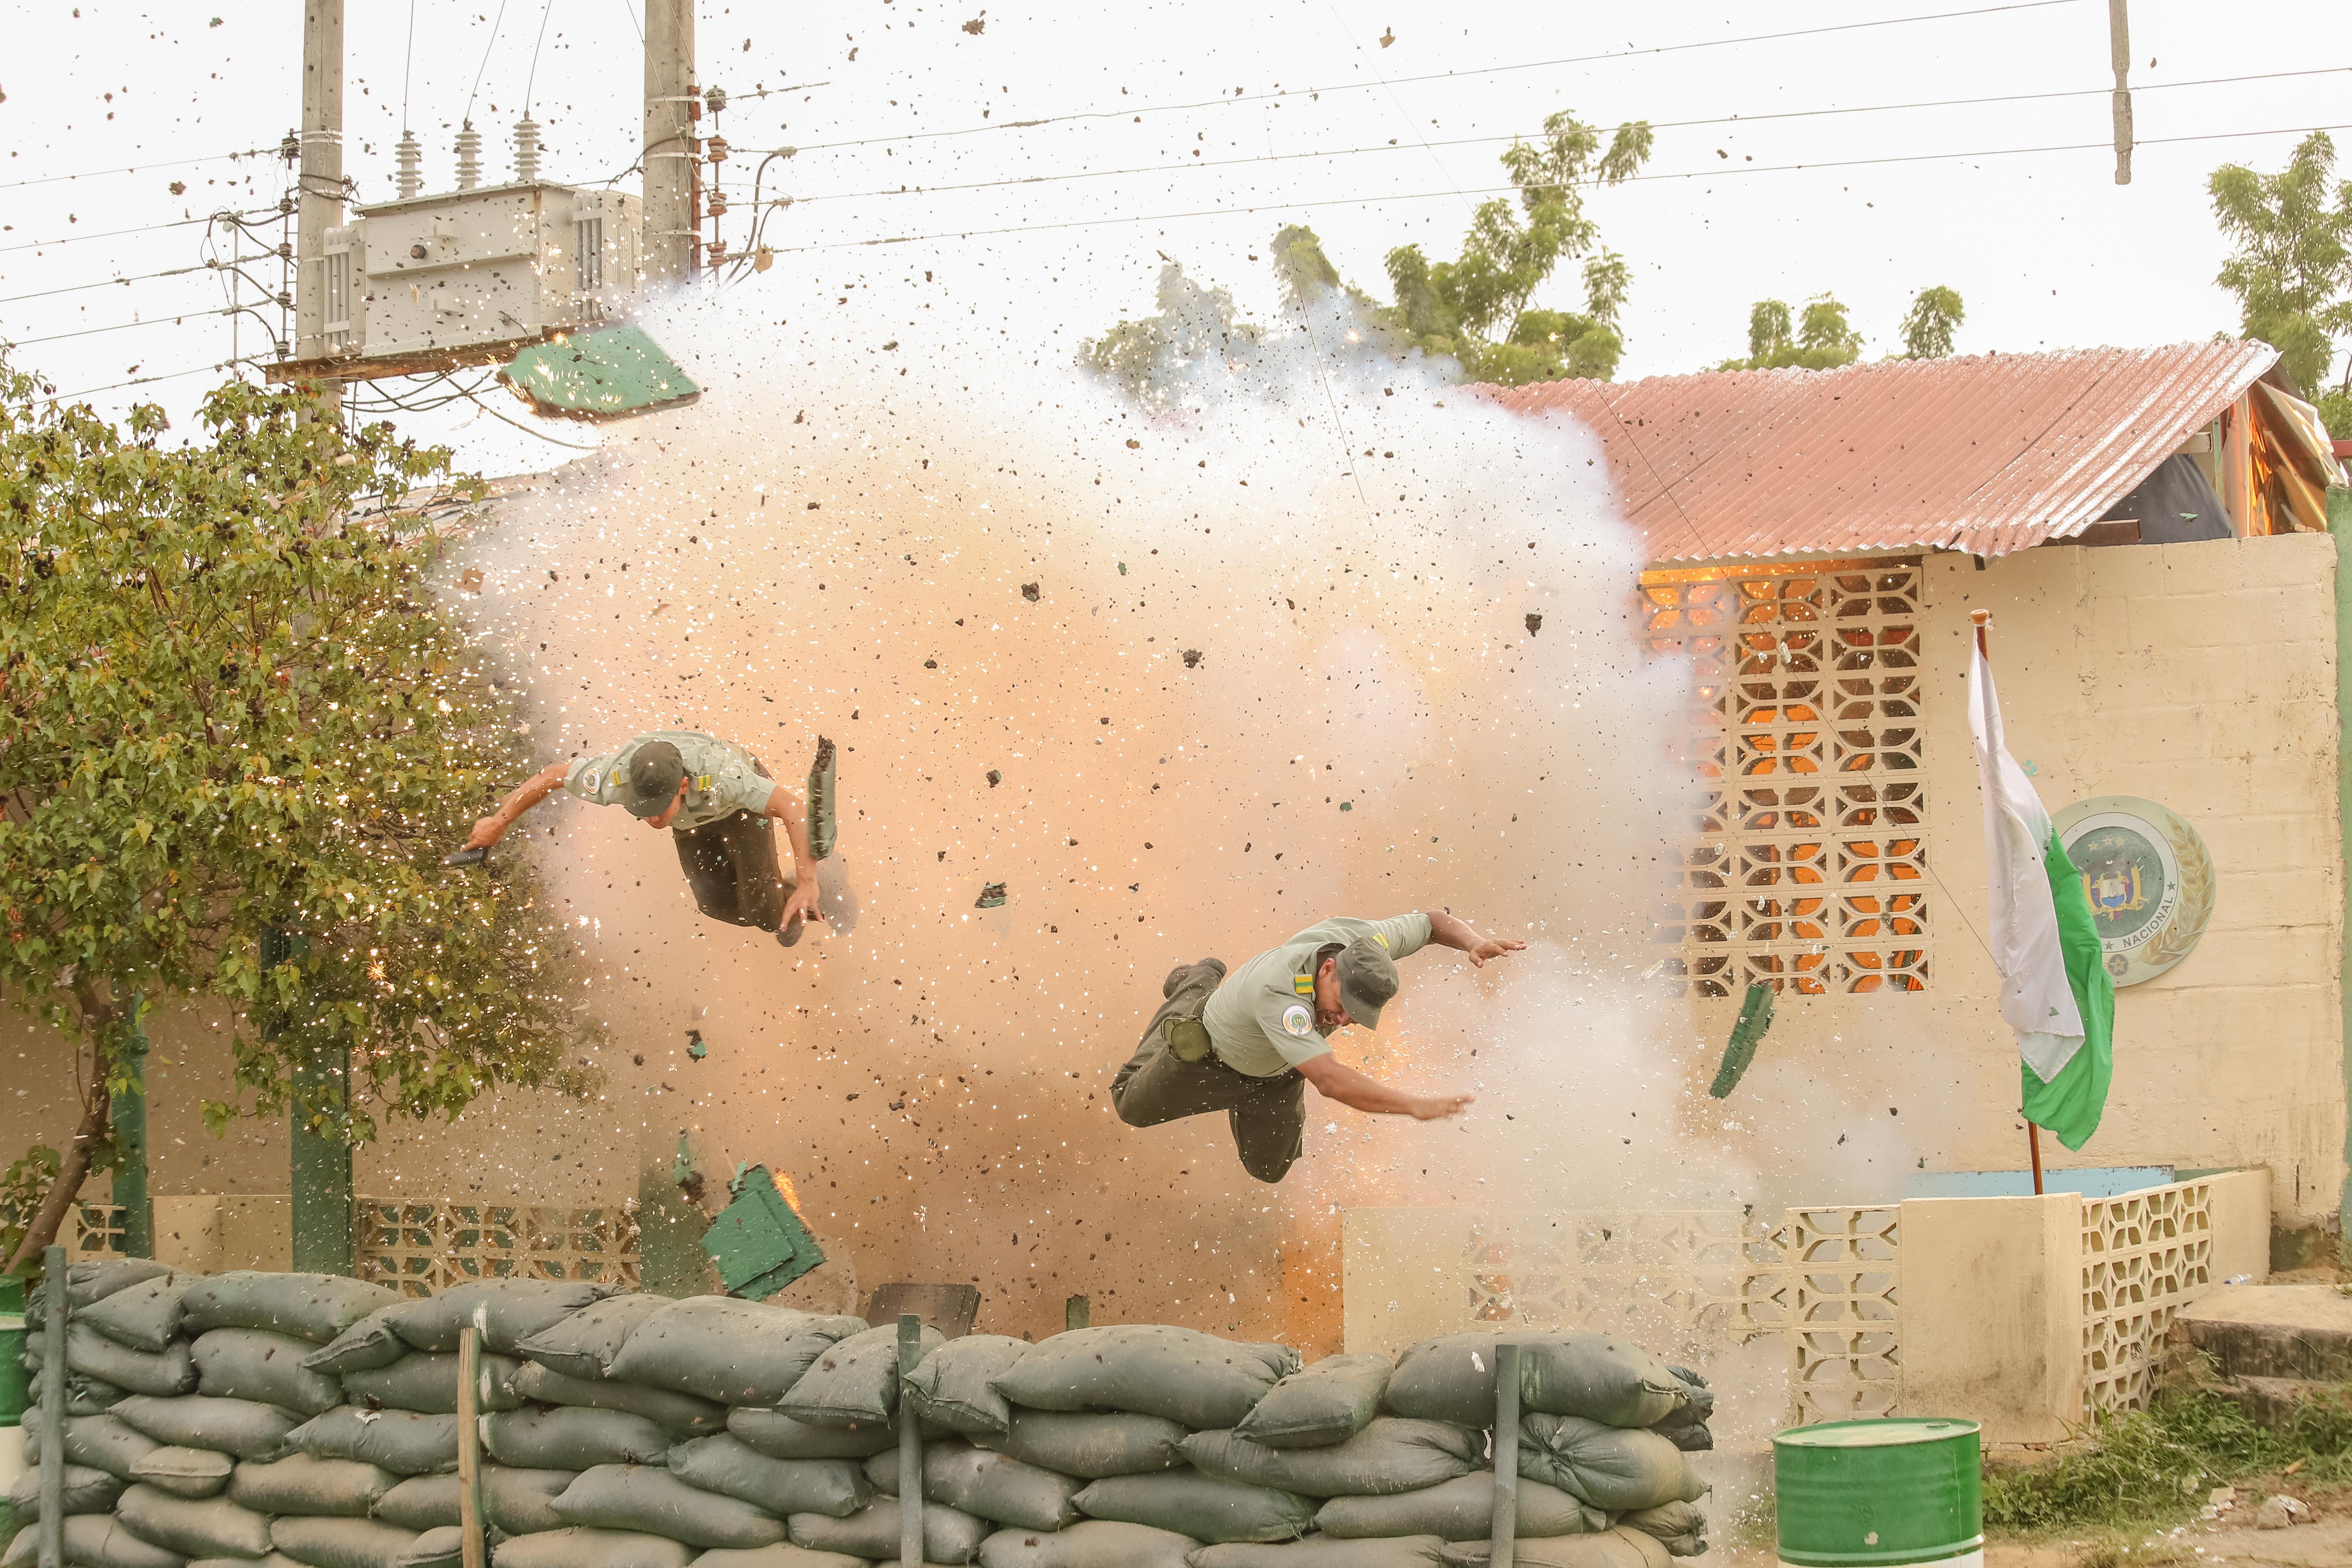 Ataque guerrillero estación Policia